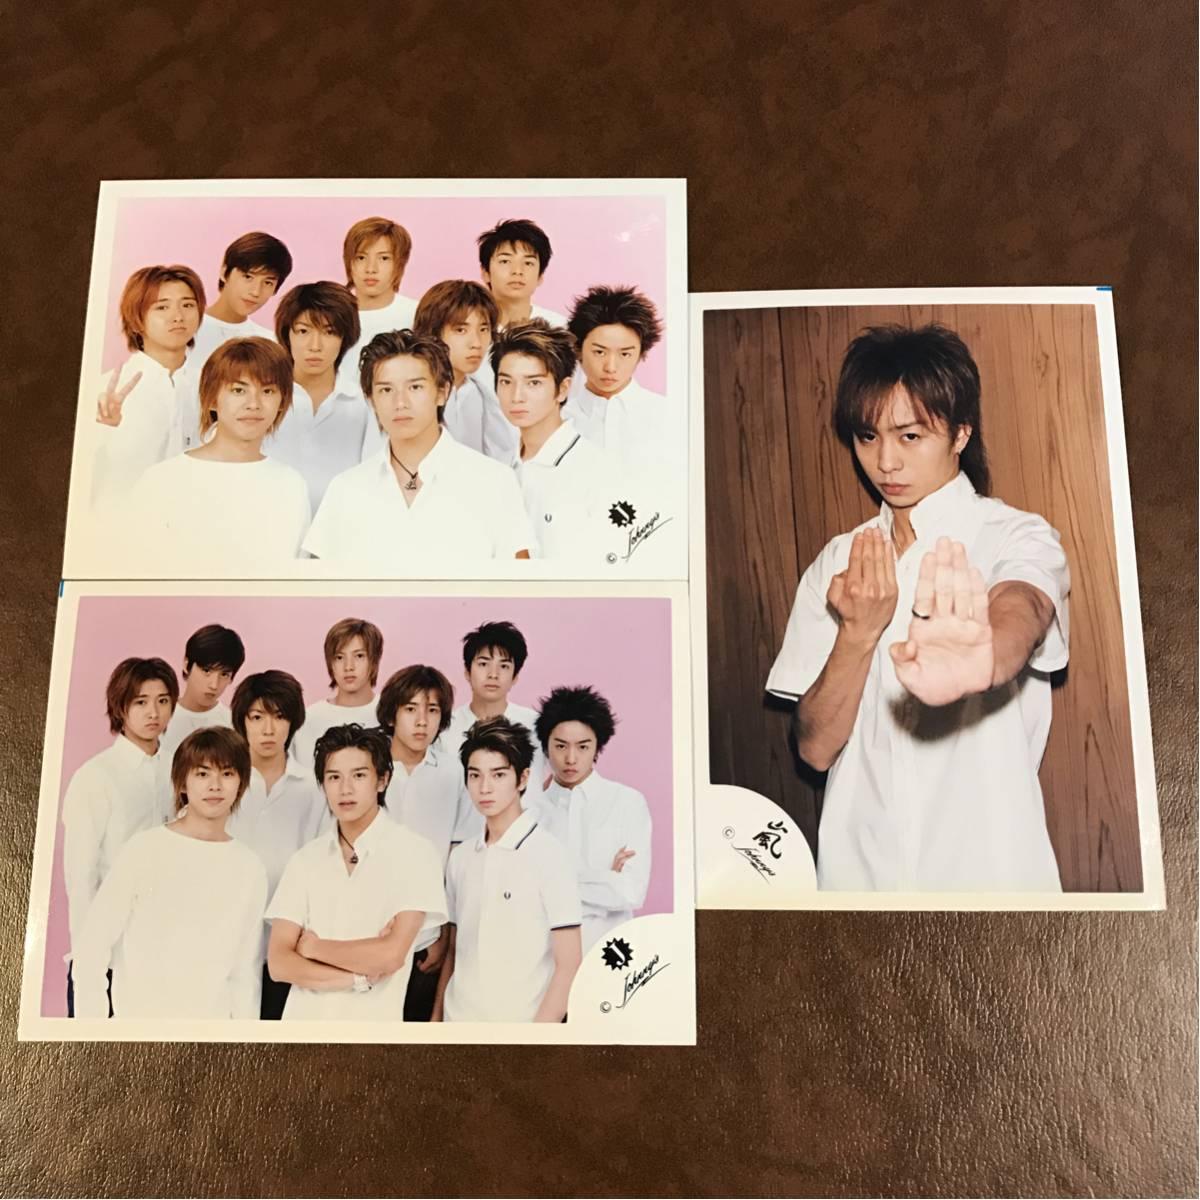 嵐 櫻井翔 公式写真 1枚 ATARASHI ARASHI 茶髪 レア タッキー 翼 生田斗真 セットで コンサートグッズの画像